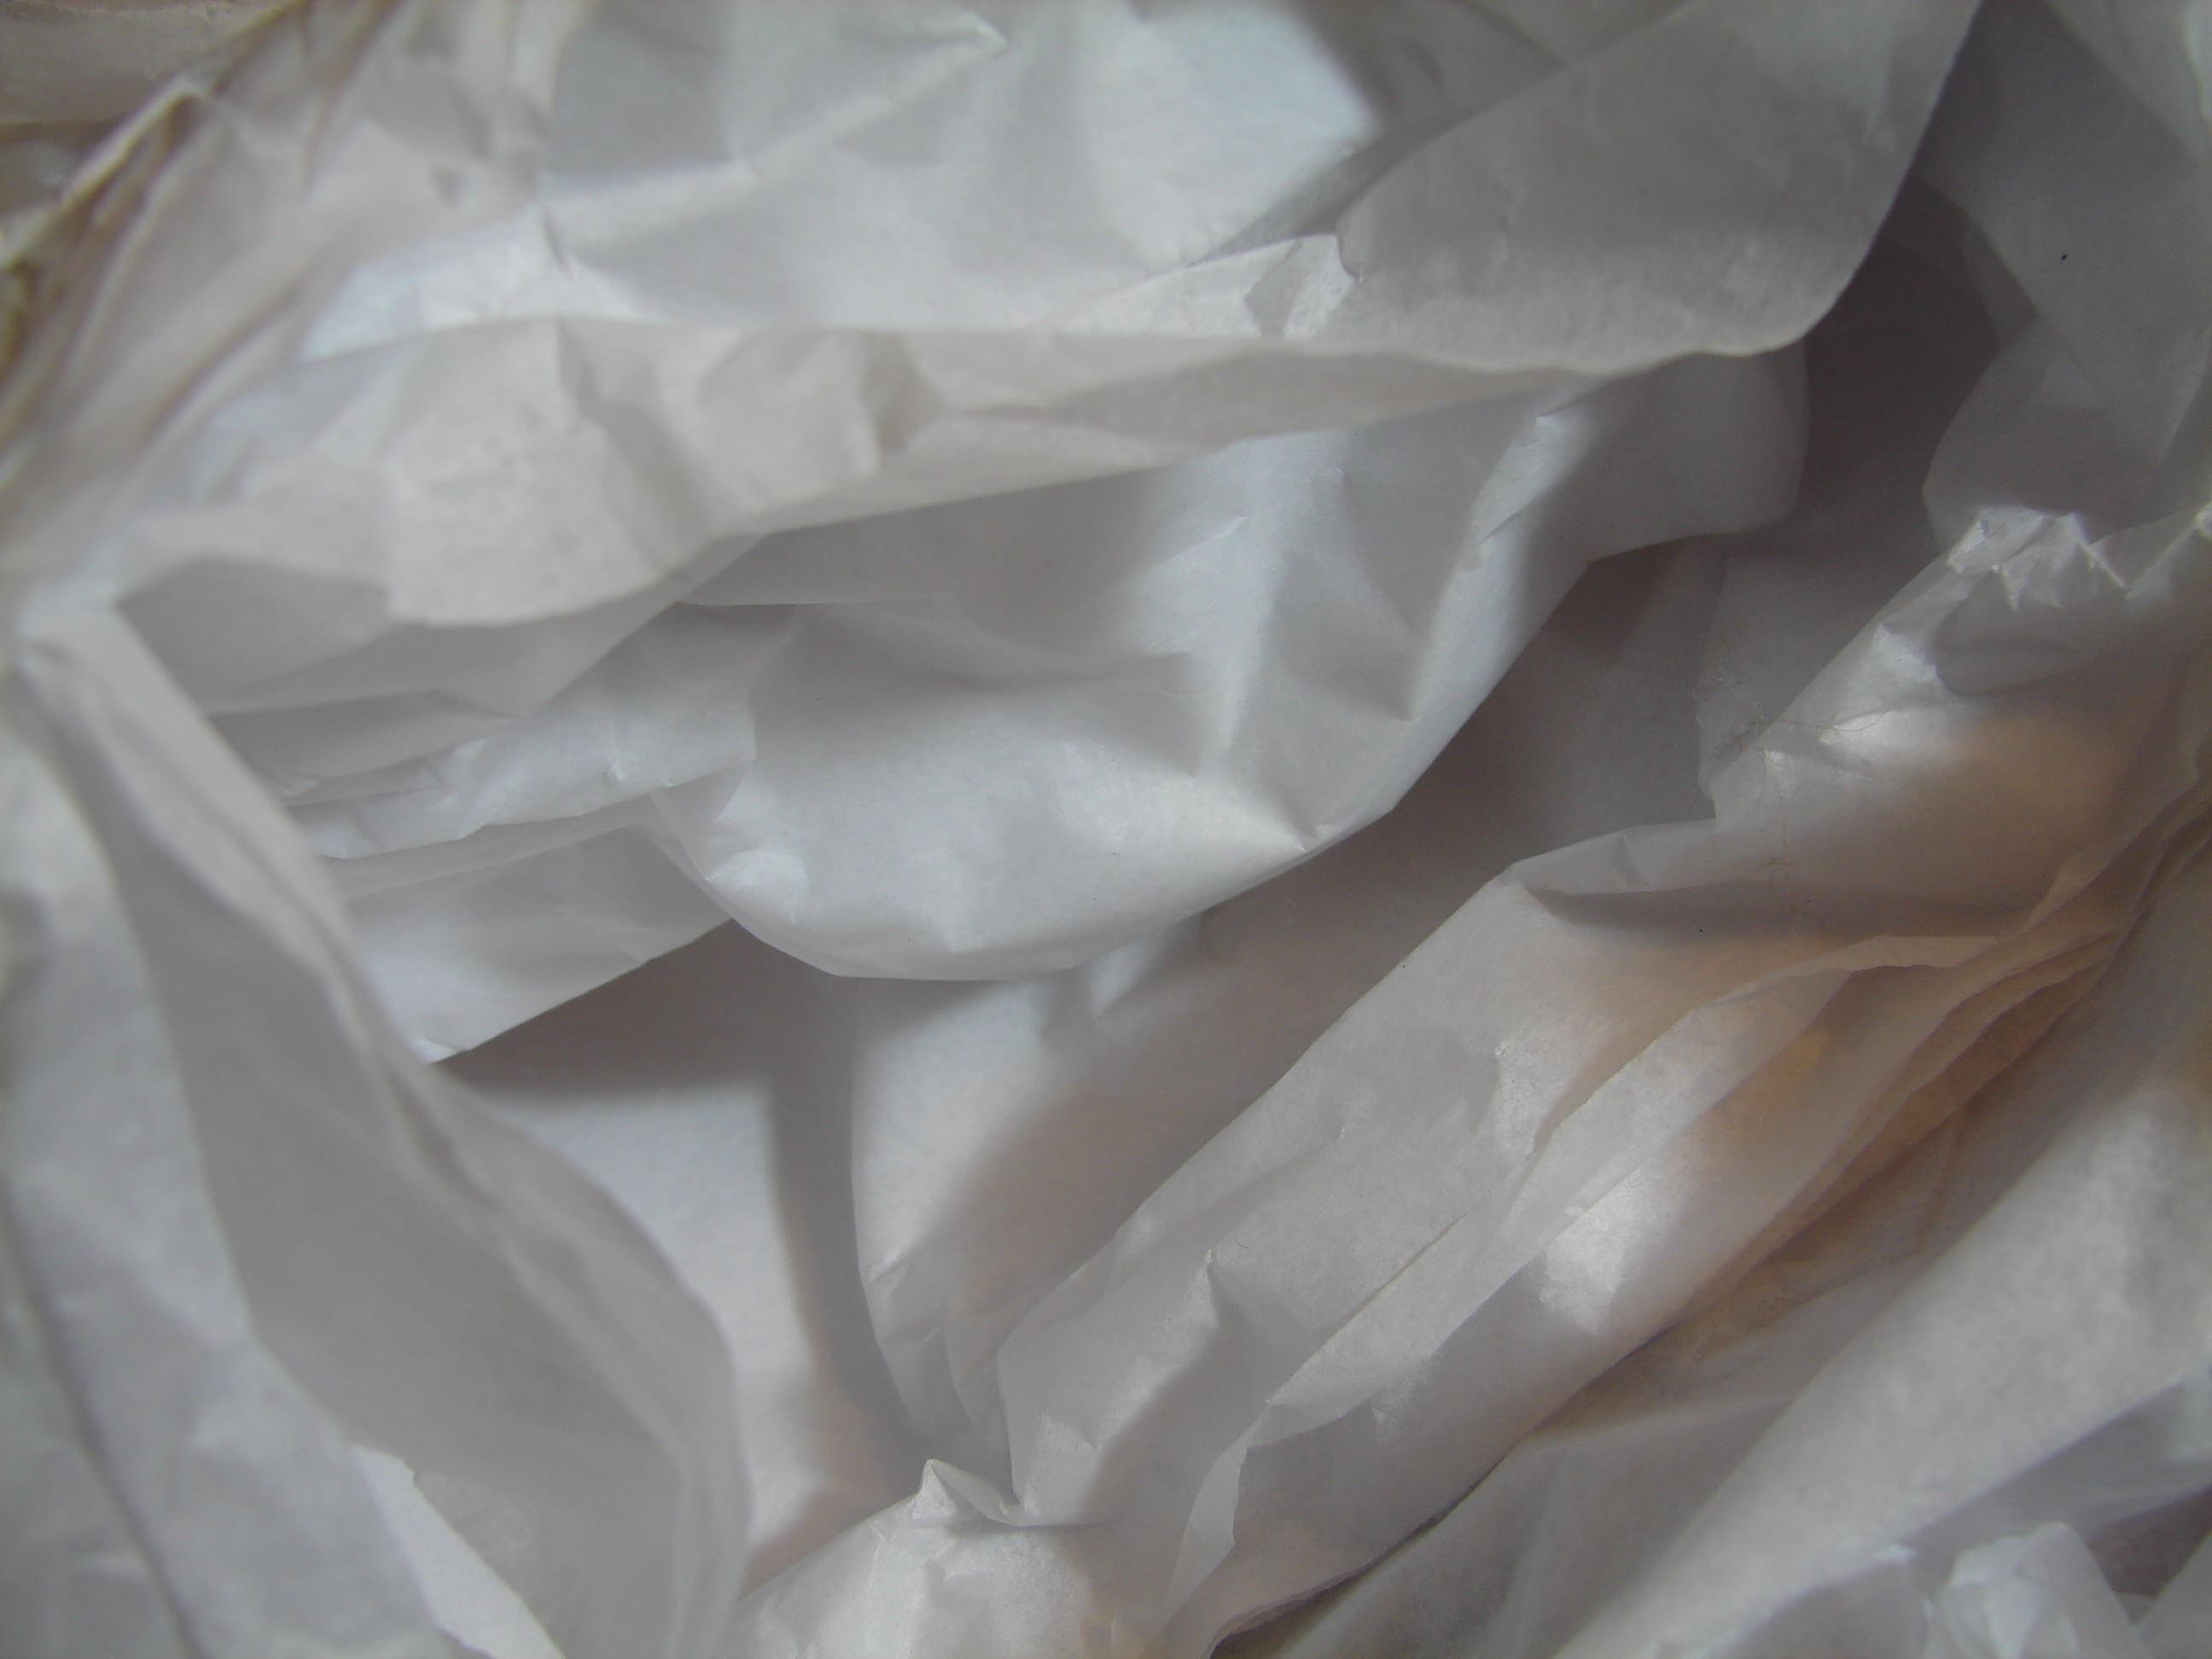 Wrinkled White Tissue paper Texture